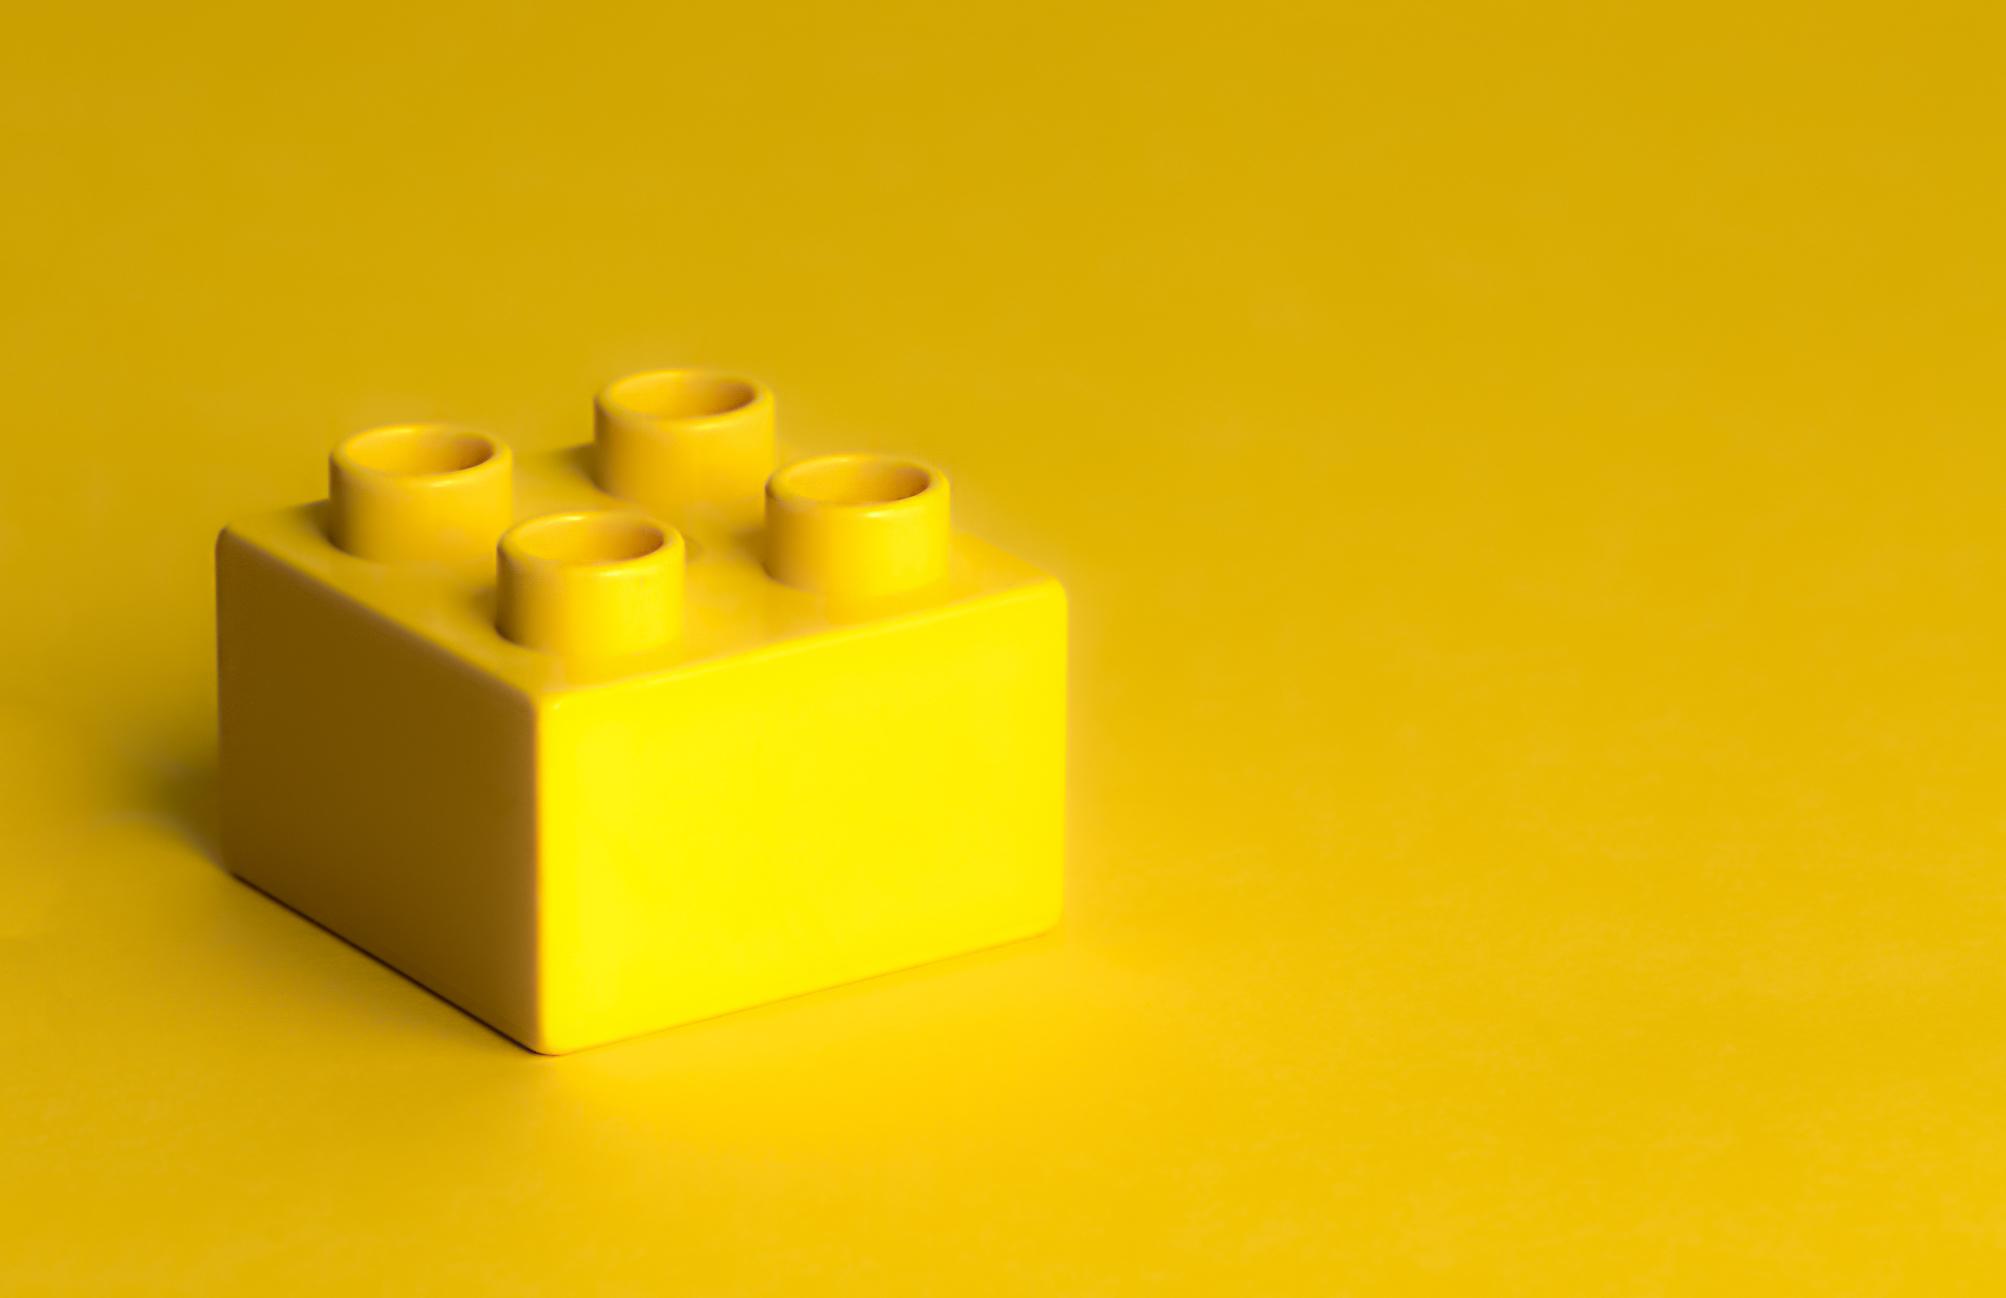 Single Lego.jpg